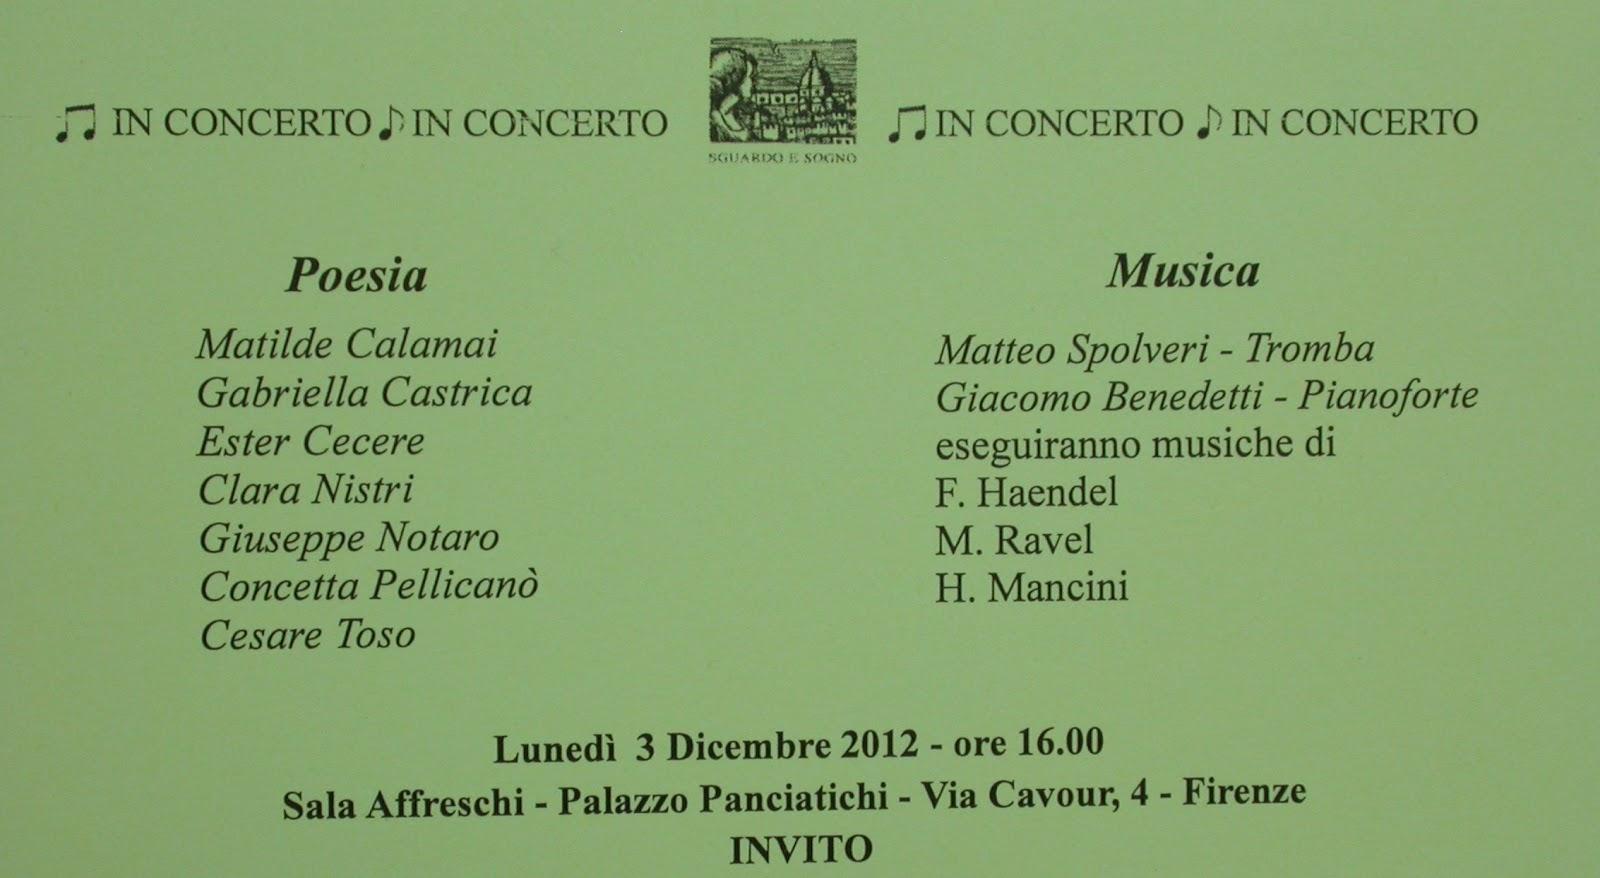 Edizioni Tracce: 11/01/2012 - 12/01/2012